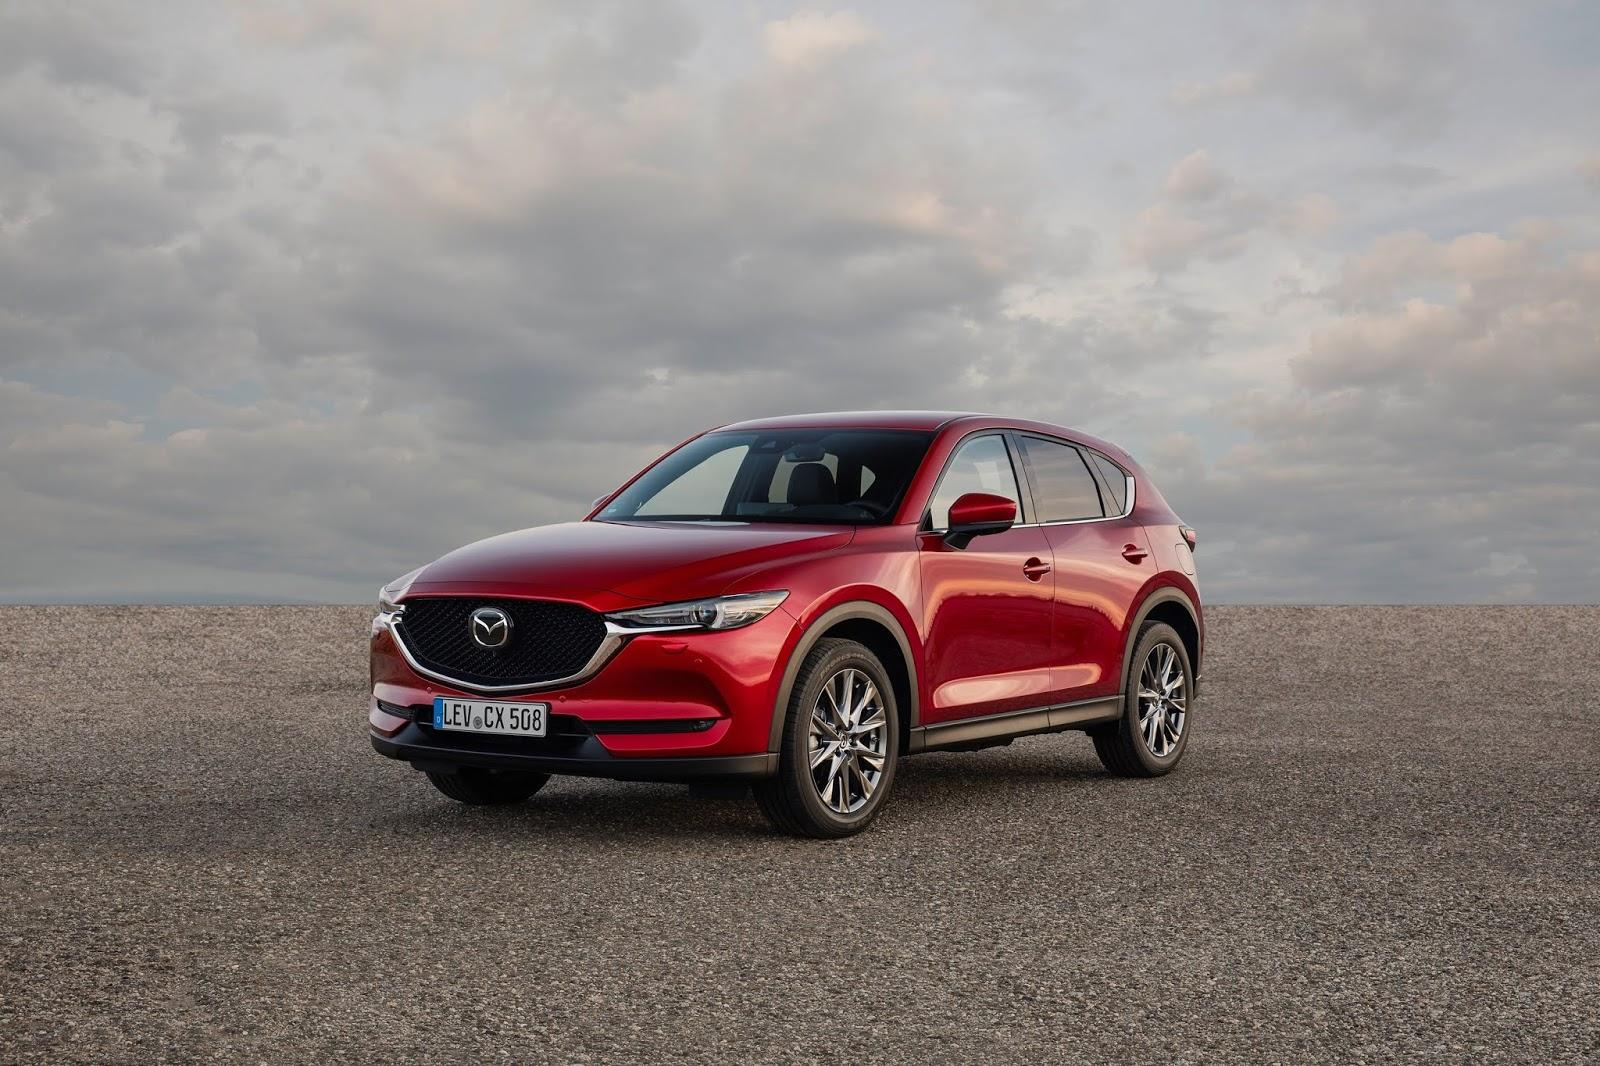 2021 Mazda CX 5 Soul Red Mazda CX-5 2021 : Συνολική αναβάθμιση